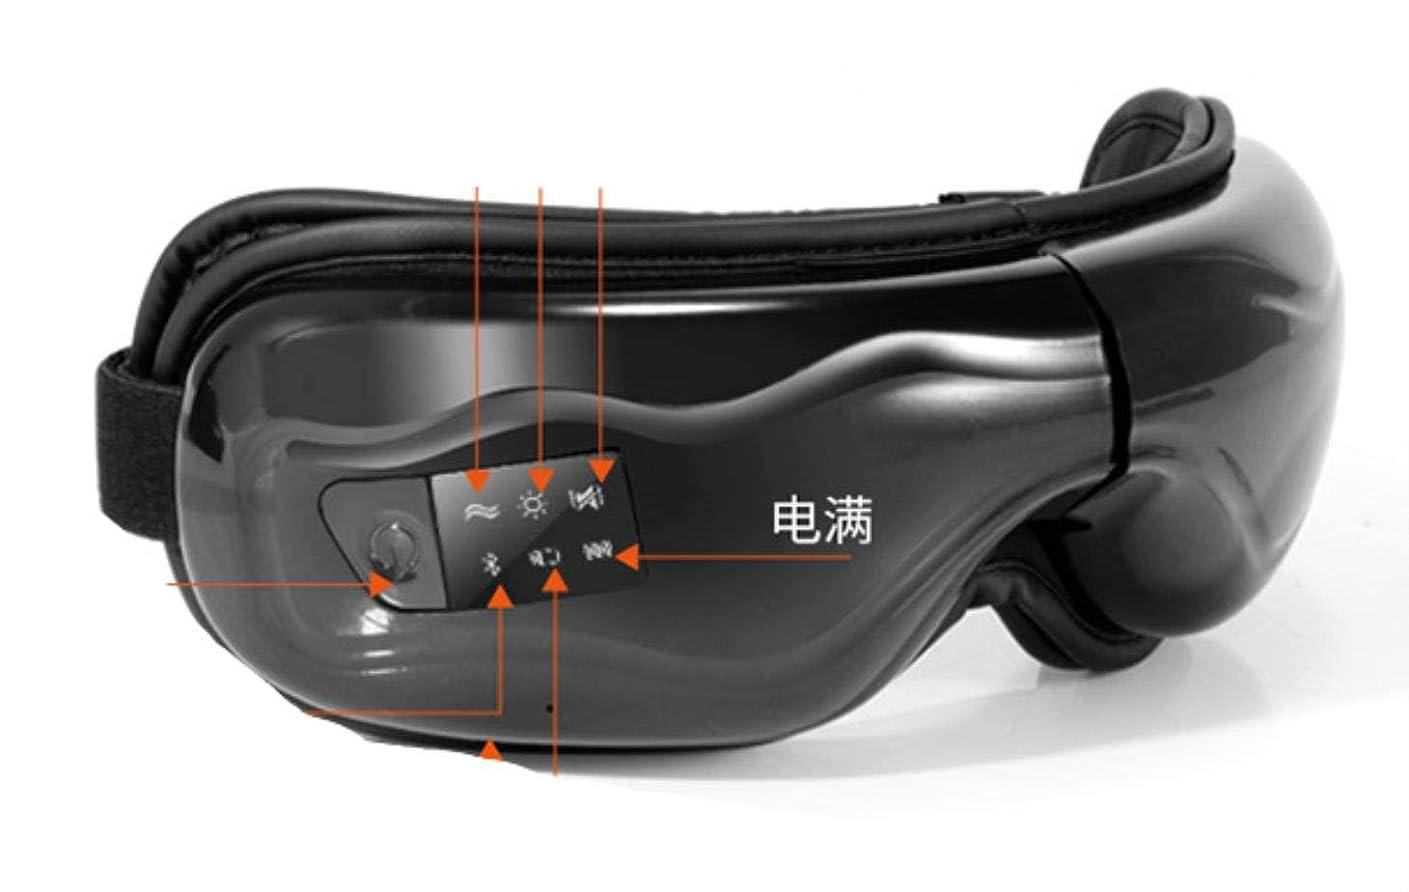 モート運命的なグローアイマッサージャーインテリジェントワンクリック操作充電式,Black